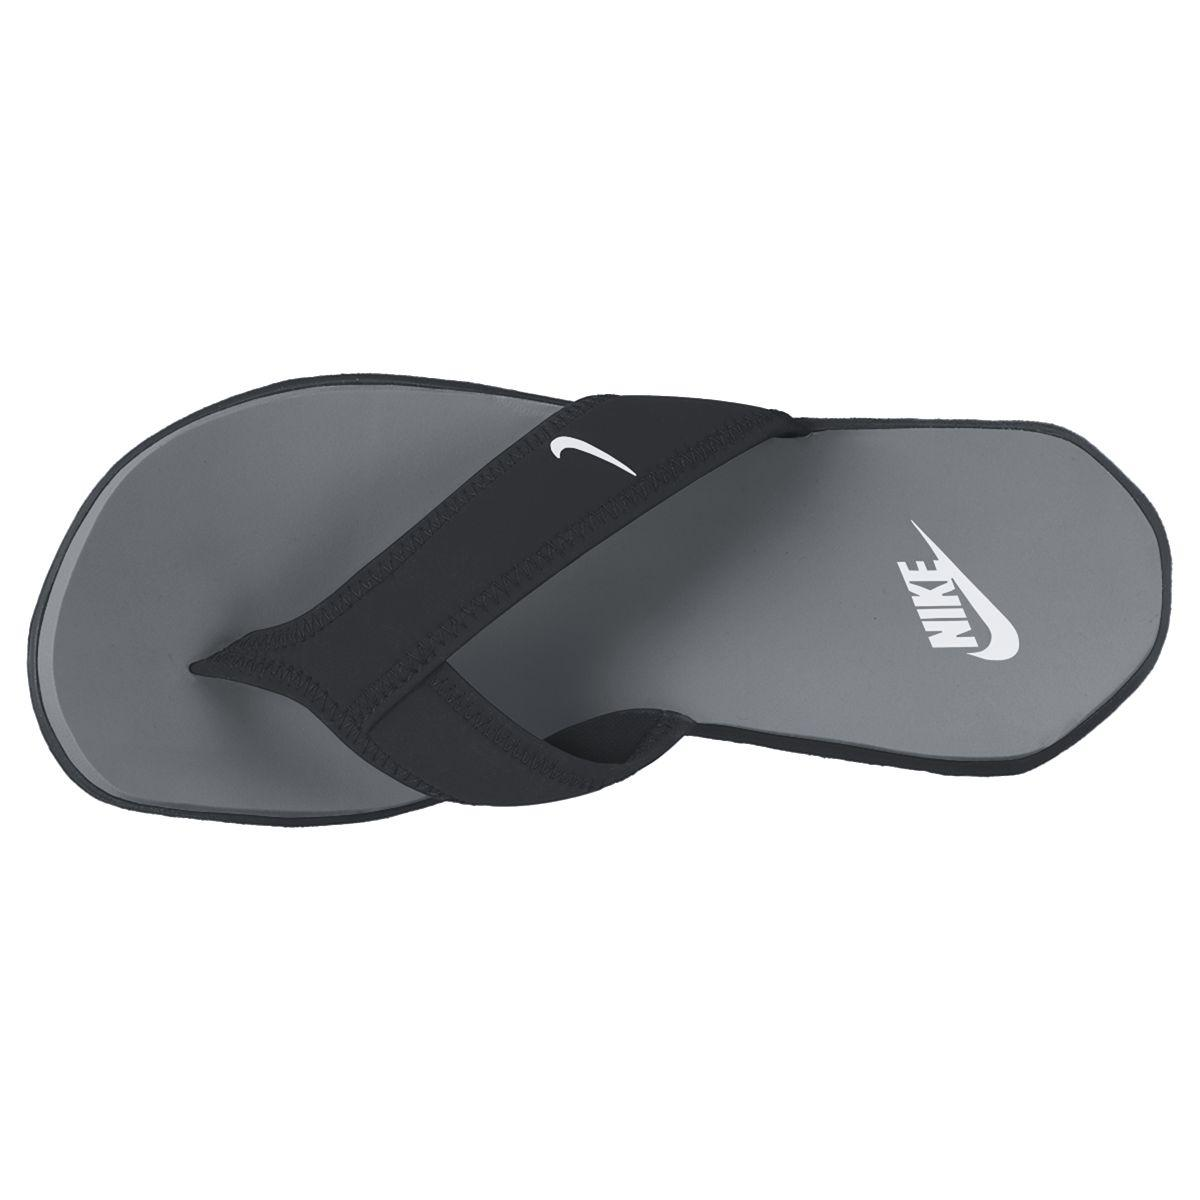 4b36555b3e0 Nike Celso Plus Thong (Flip Flops) - Black Grey - Tennisnuts.com